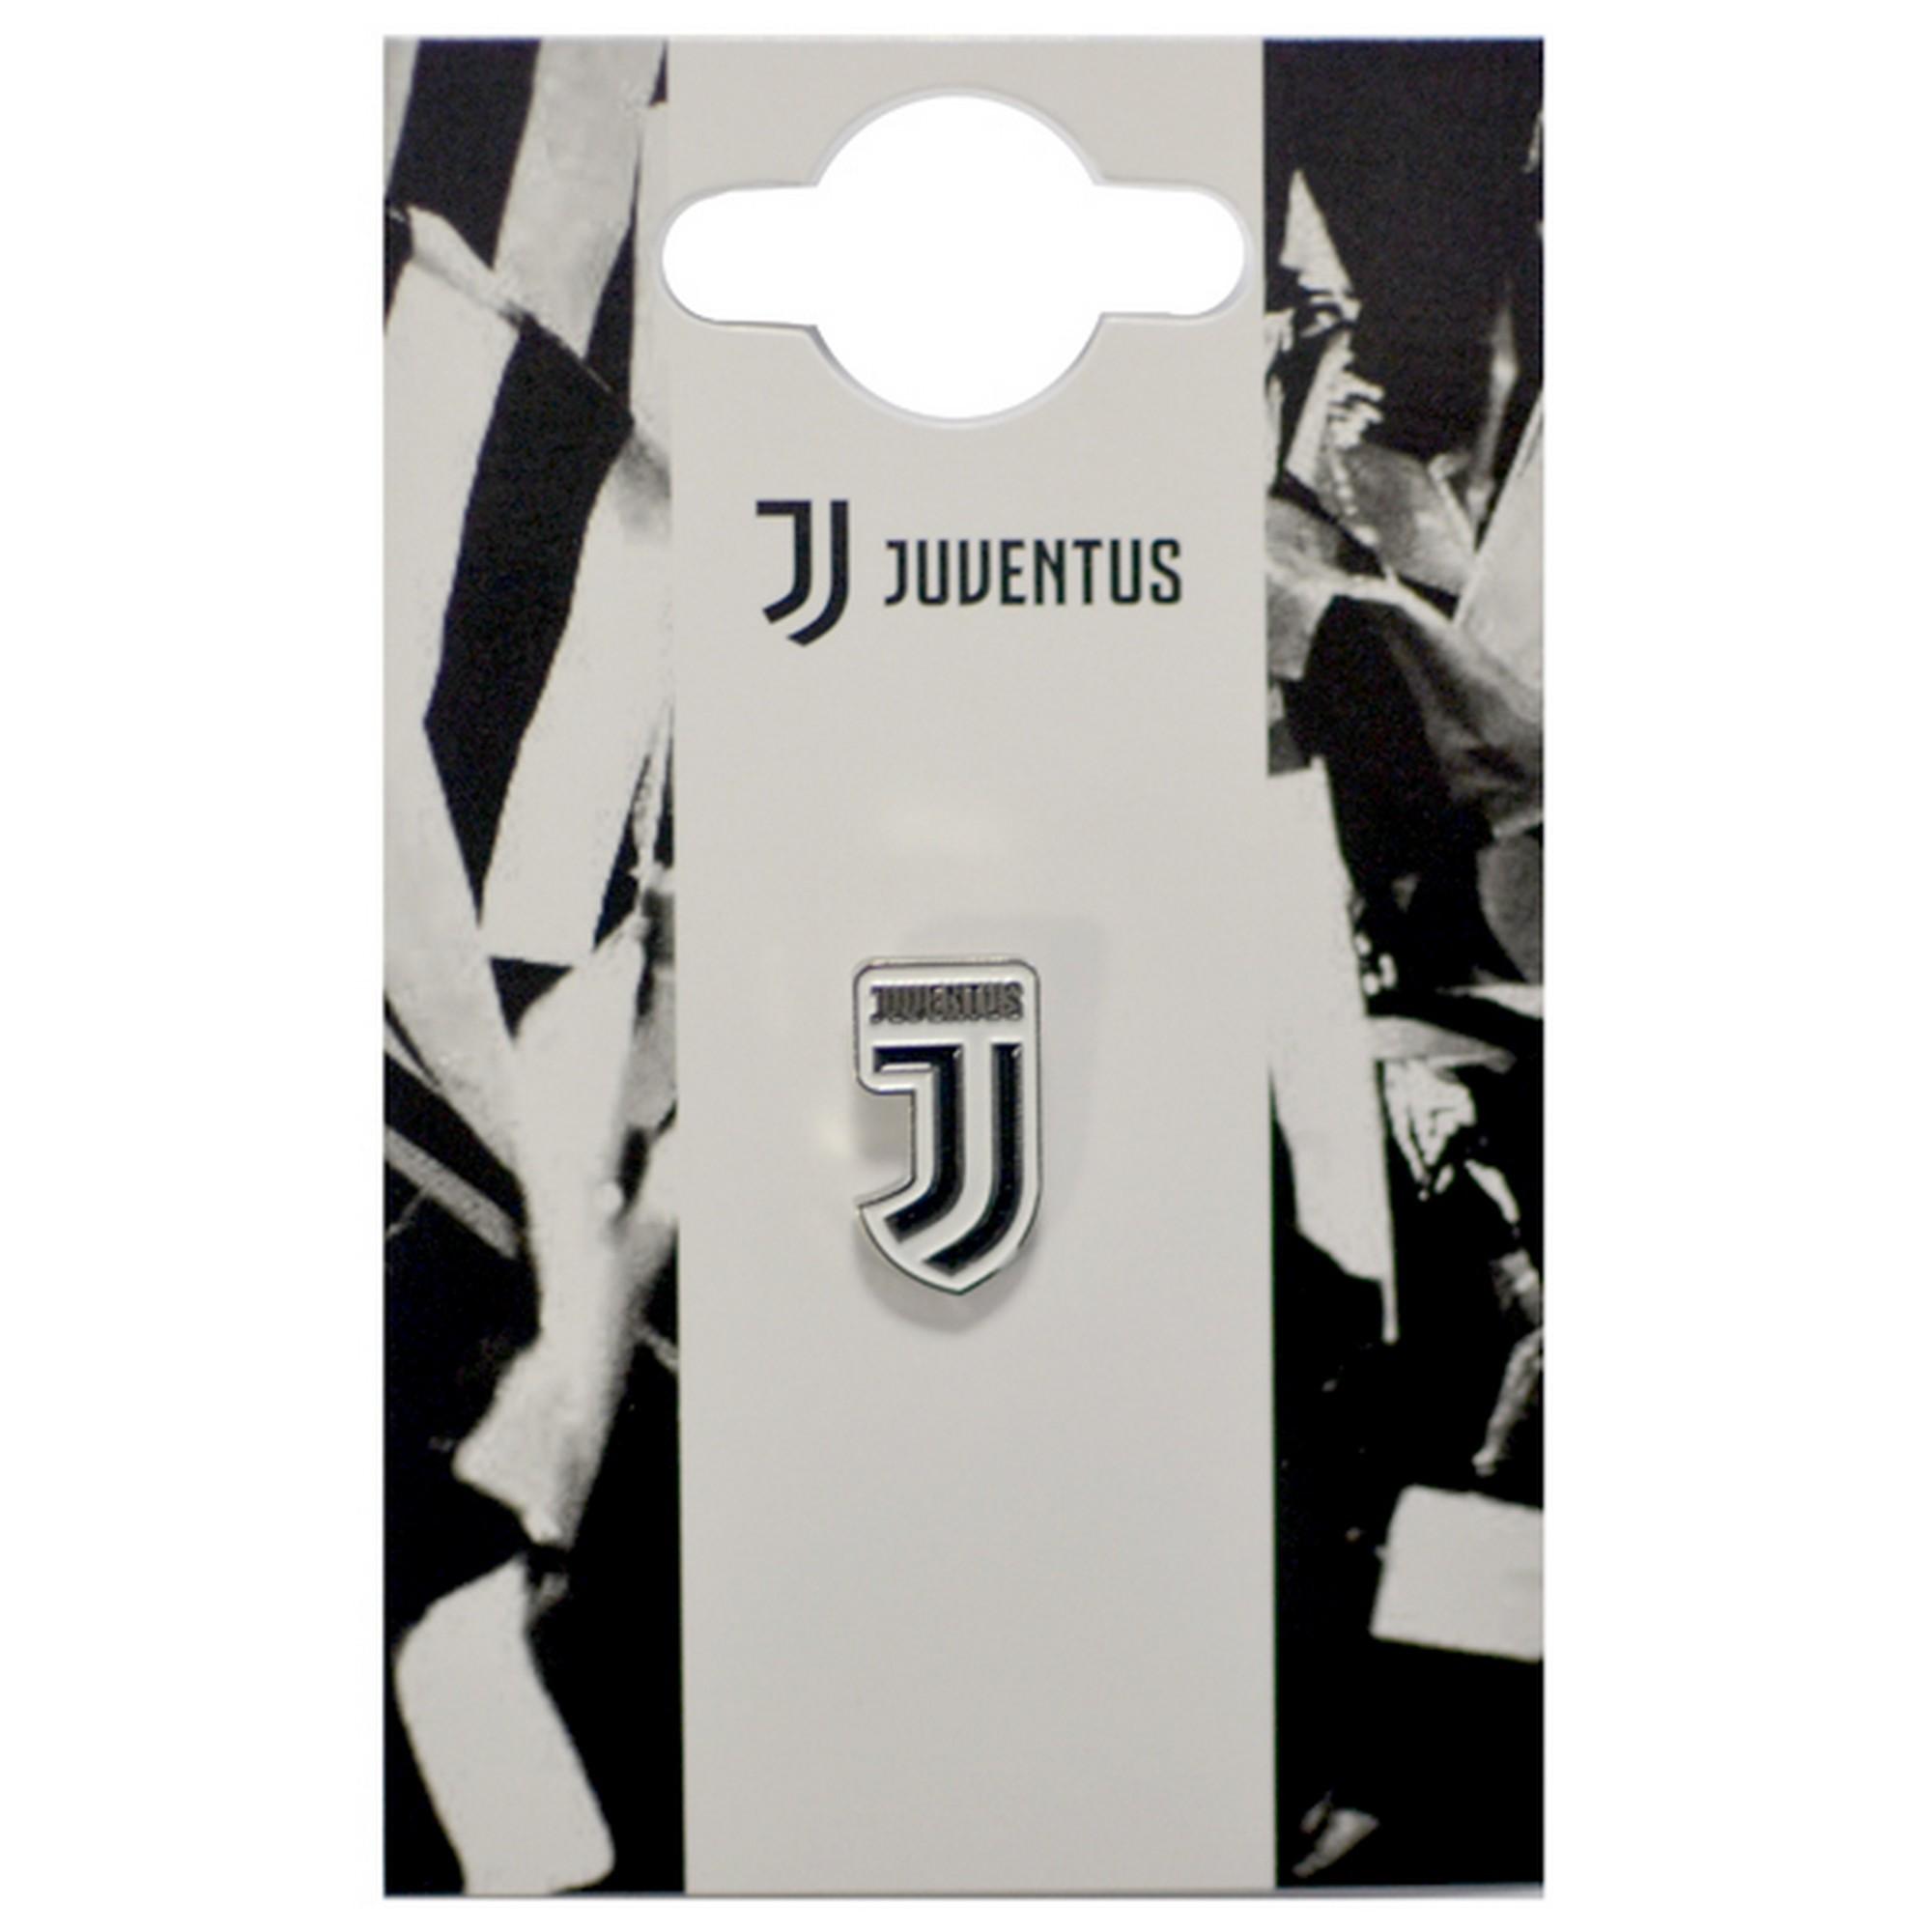 Detalles de Juventus FC Pin oficial con el escudo del equipo (SG15748)